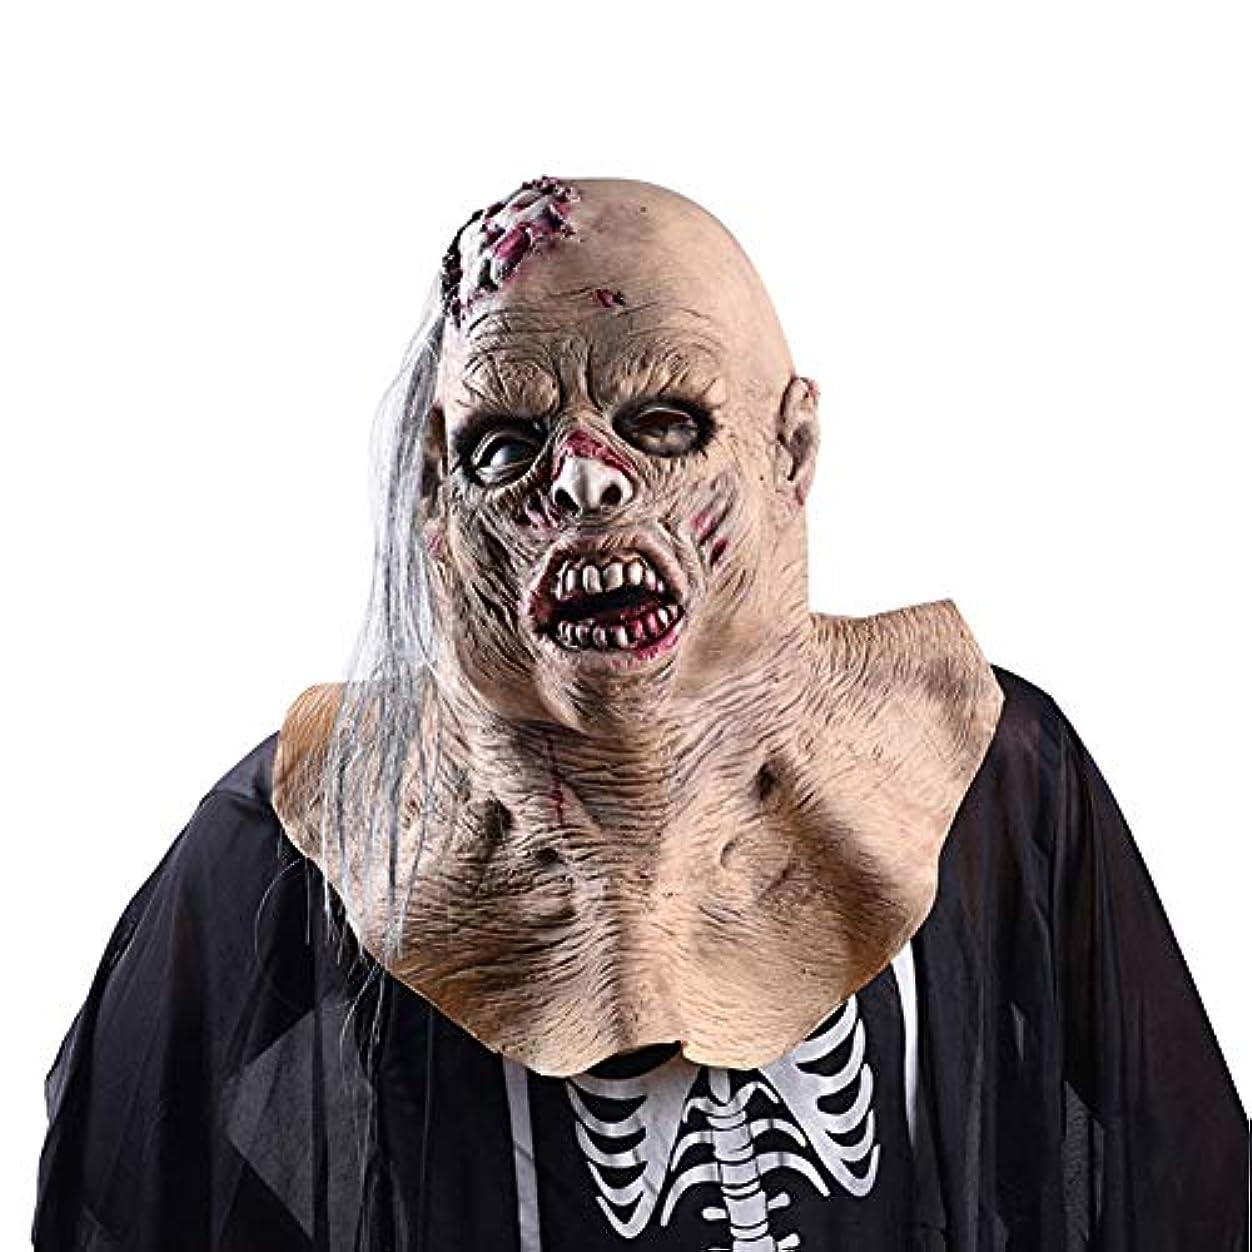 幅サンドイッチ移行するハロウィーンマスク、吸血鬼のラテックスマスク、ハロウィーン、テーマパーティー、カーニバル、レイブパーティー、バー、小道具。